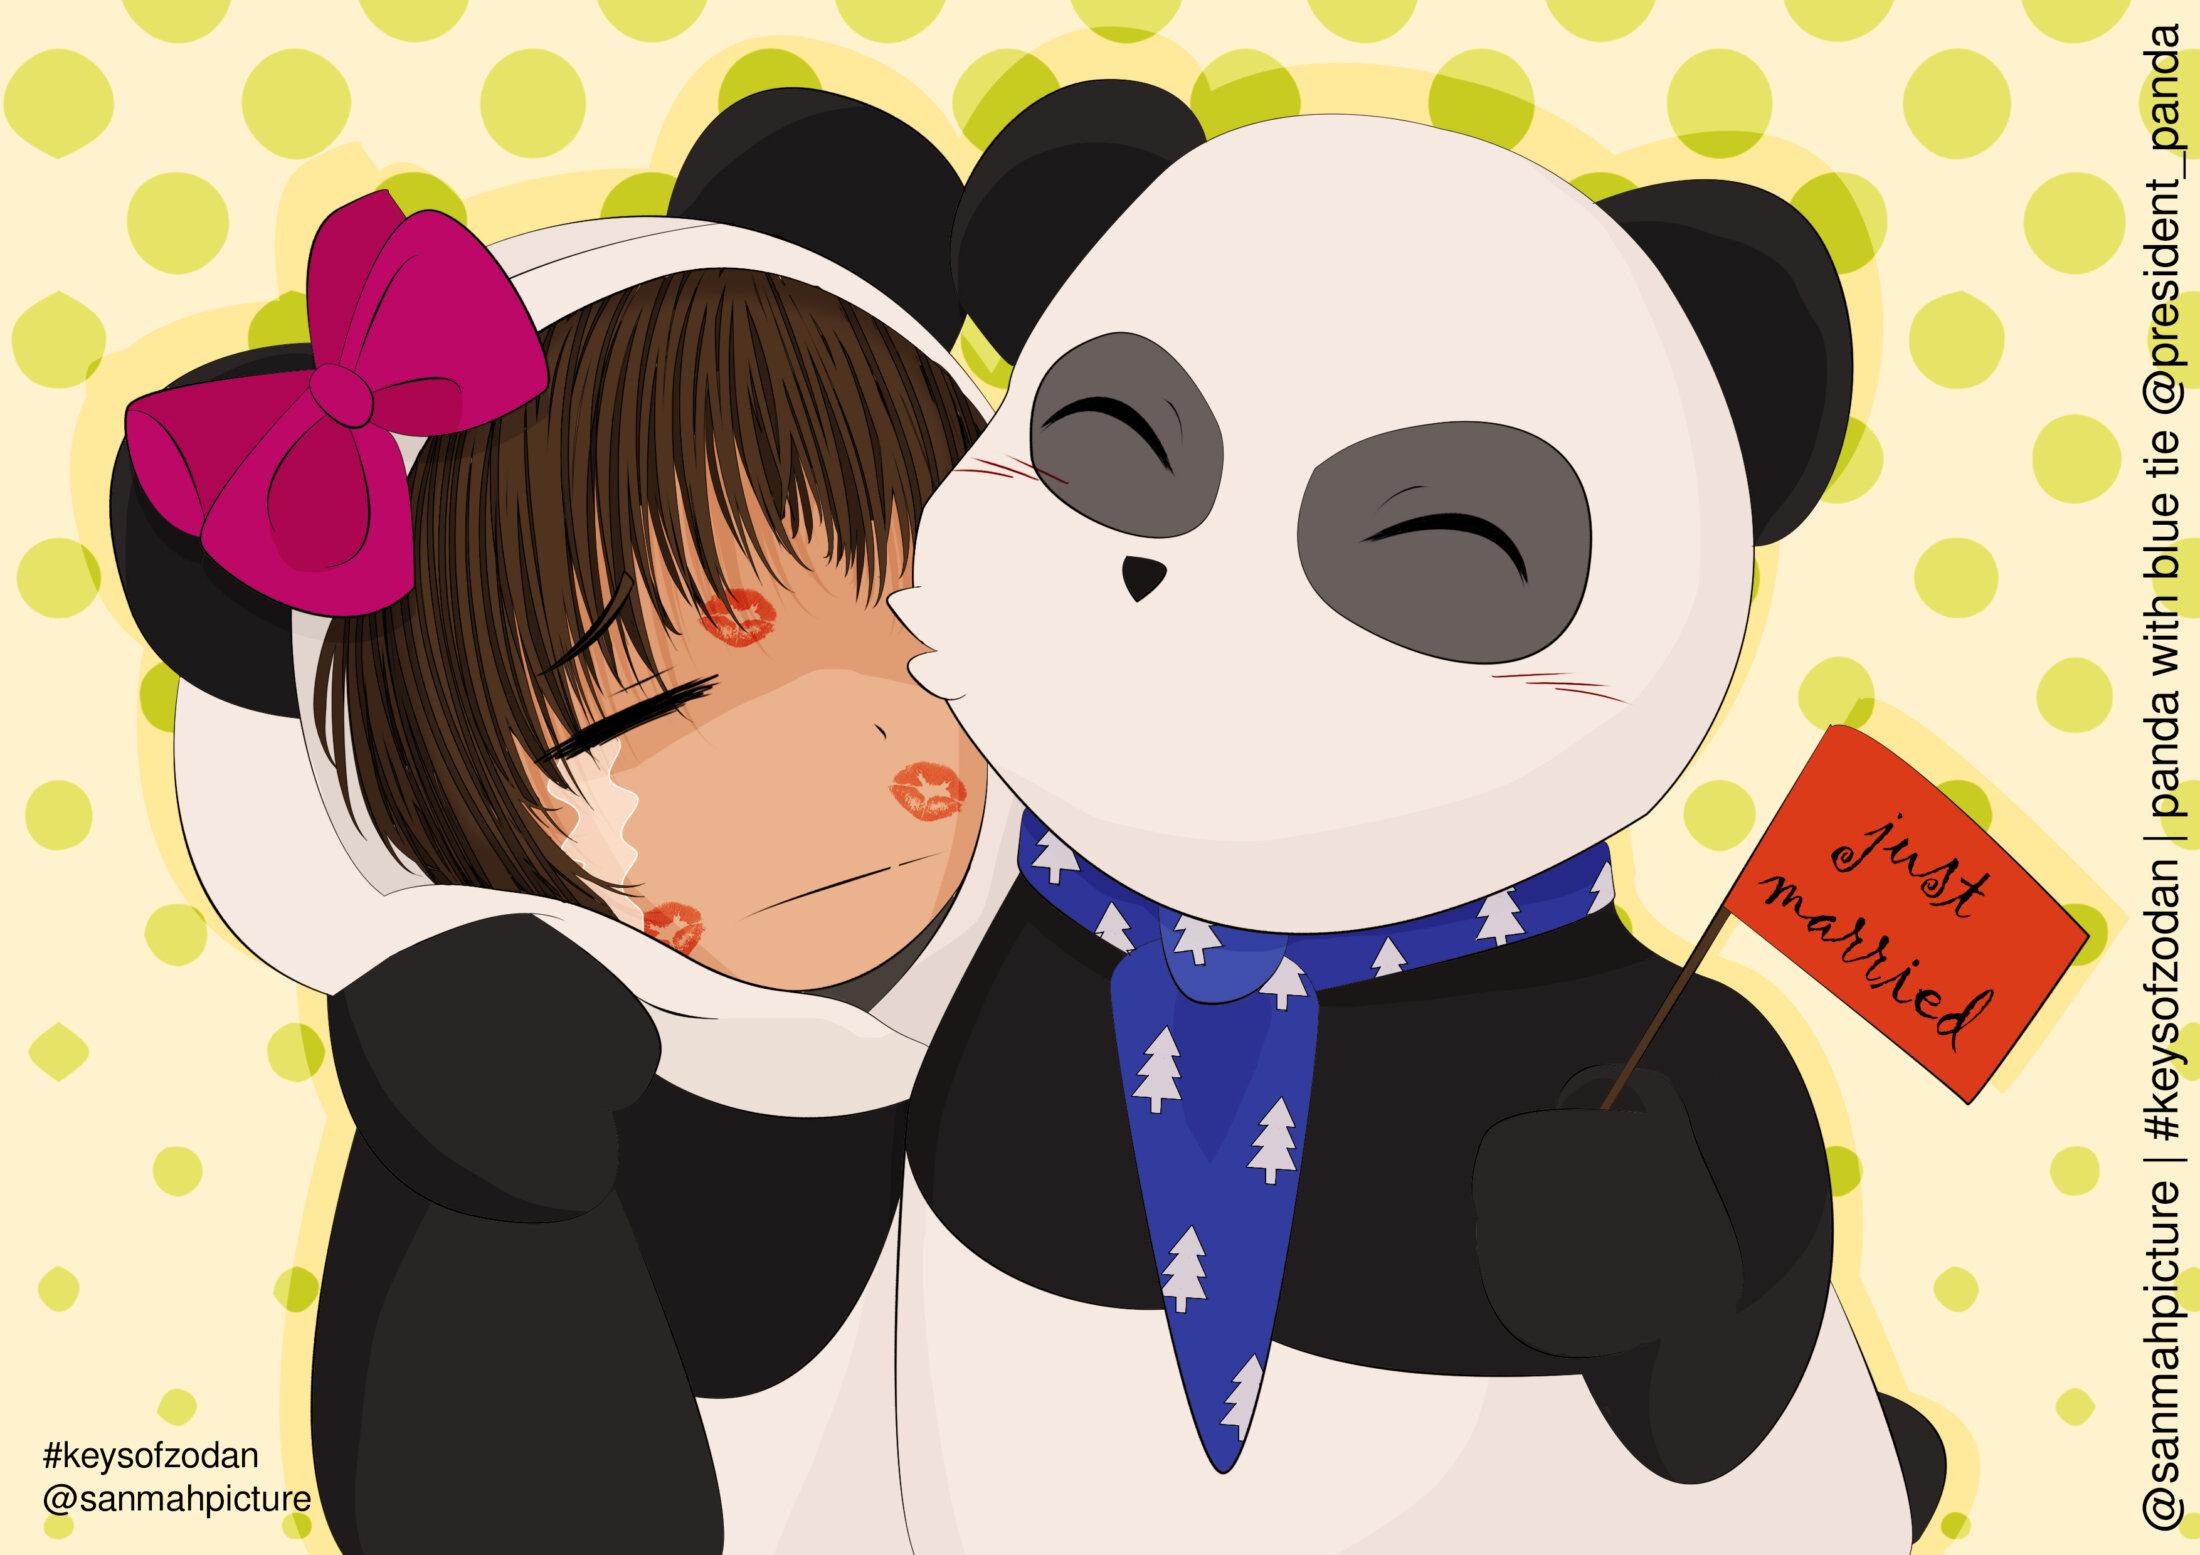 Mio+panda Knutsch Website